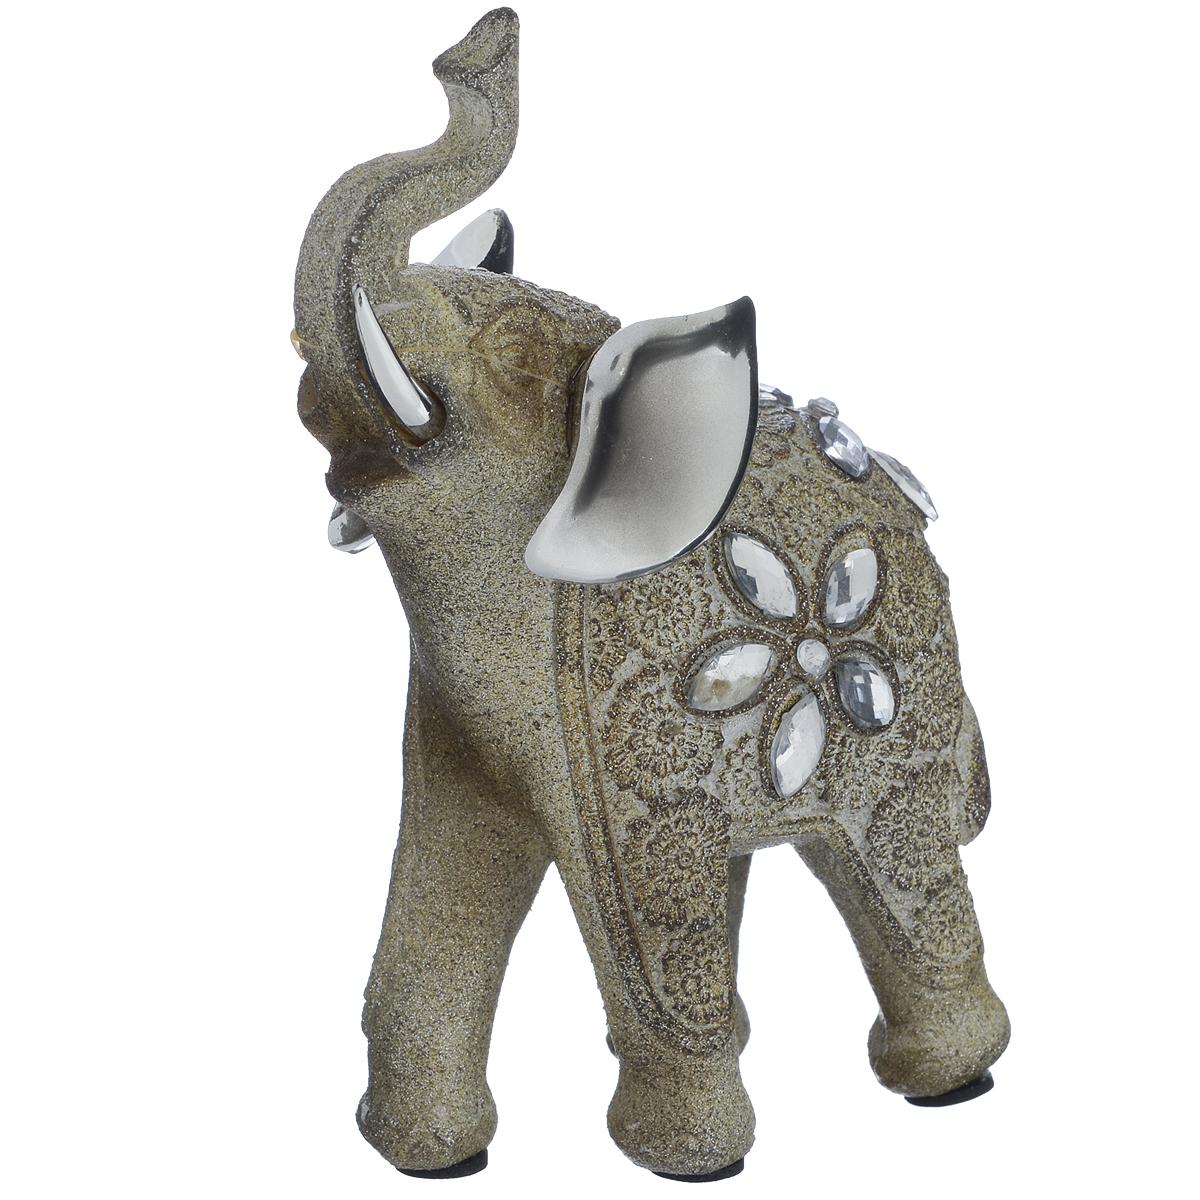 Фигурка декоративная Molento Блестящий слон, высота 13 см549-180Декоративная фигурка Molento Блестящий слон, изготовленная из полистоуна, позволит вам украсить интерьер дома, рабочего кабинета или любого другого помещения оригинальным образом. Изделие, выполненное в виде слона, украшено блестками и стразами. Вы можете поставить фигурку в любом месте, где она будет удачно смотреться, и радовать глаз. Кроме того, фигурка Блестящий слон станет чудесным сувениром для ваших друзей и близких. Размер фигурки: 9,5 см х 4,5 см х 13 см.